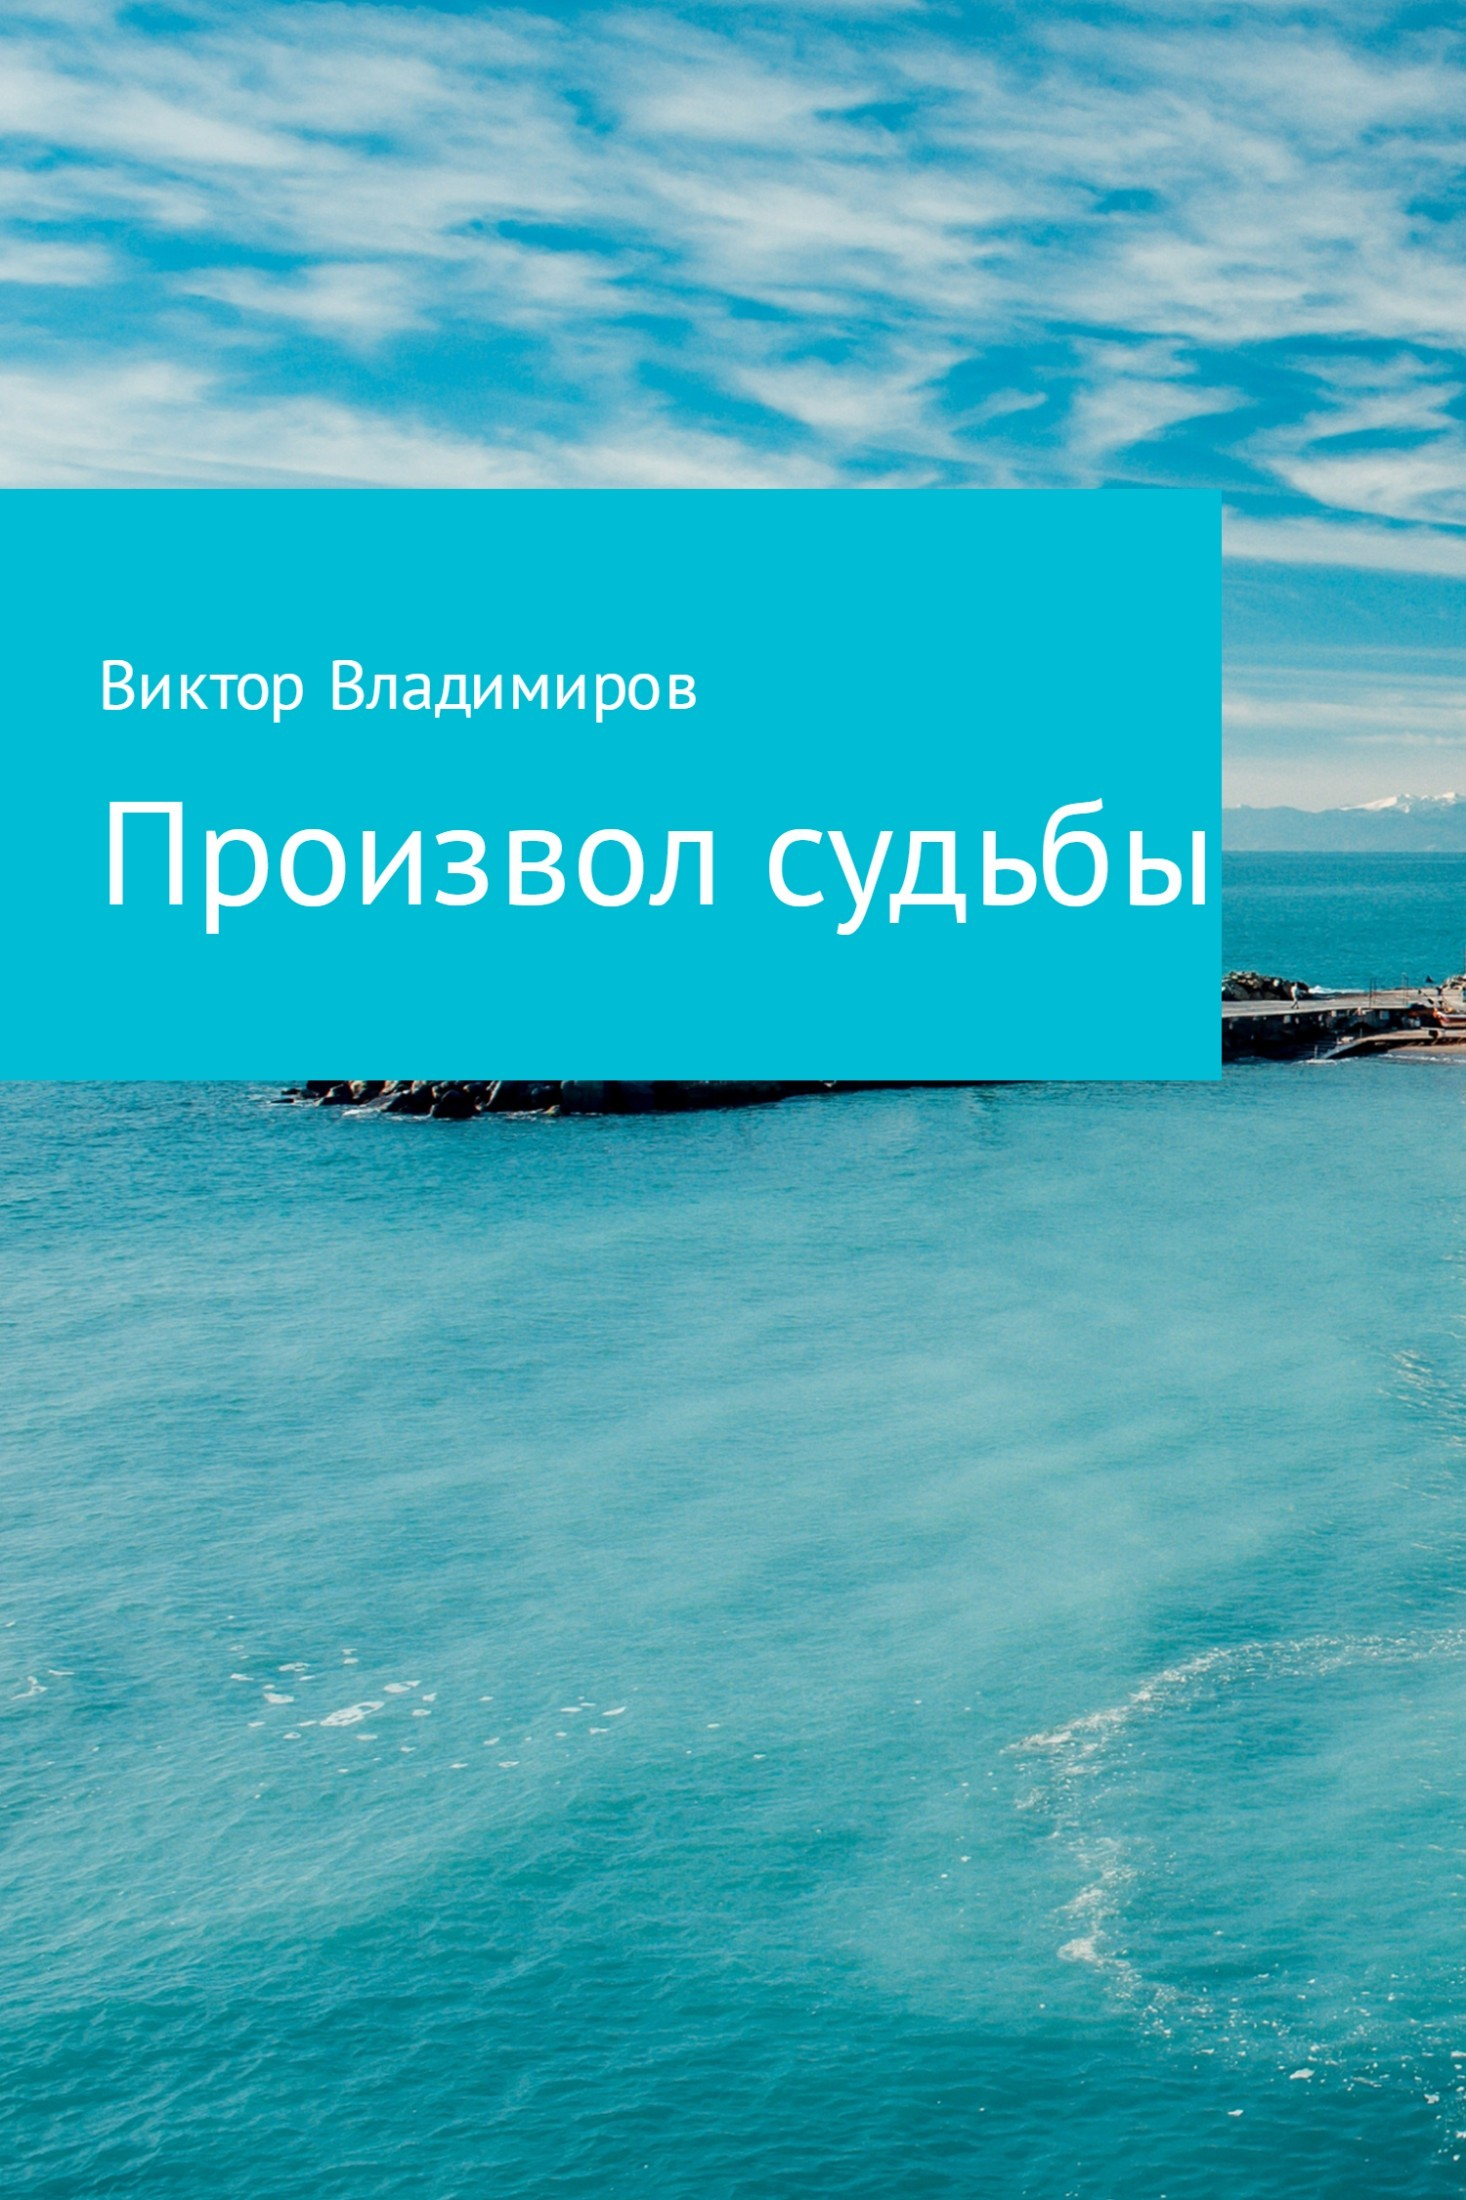 Виктор Владимиров Произвол судьбы тарифный план